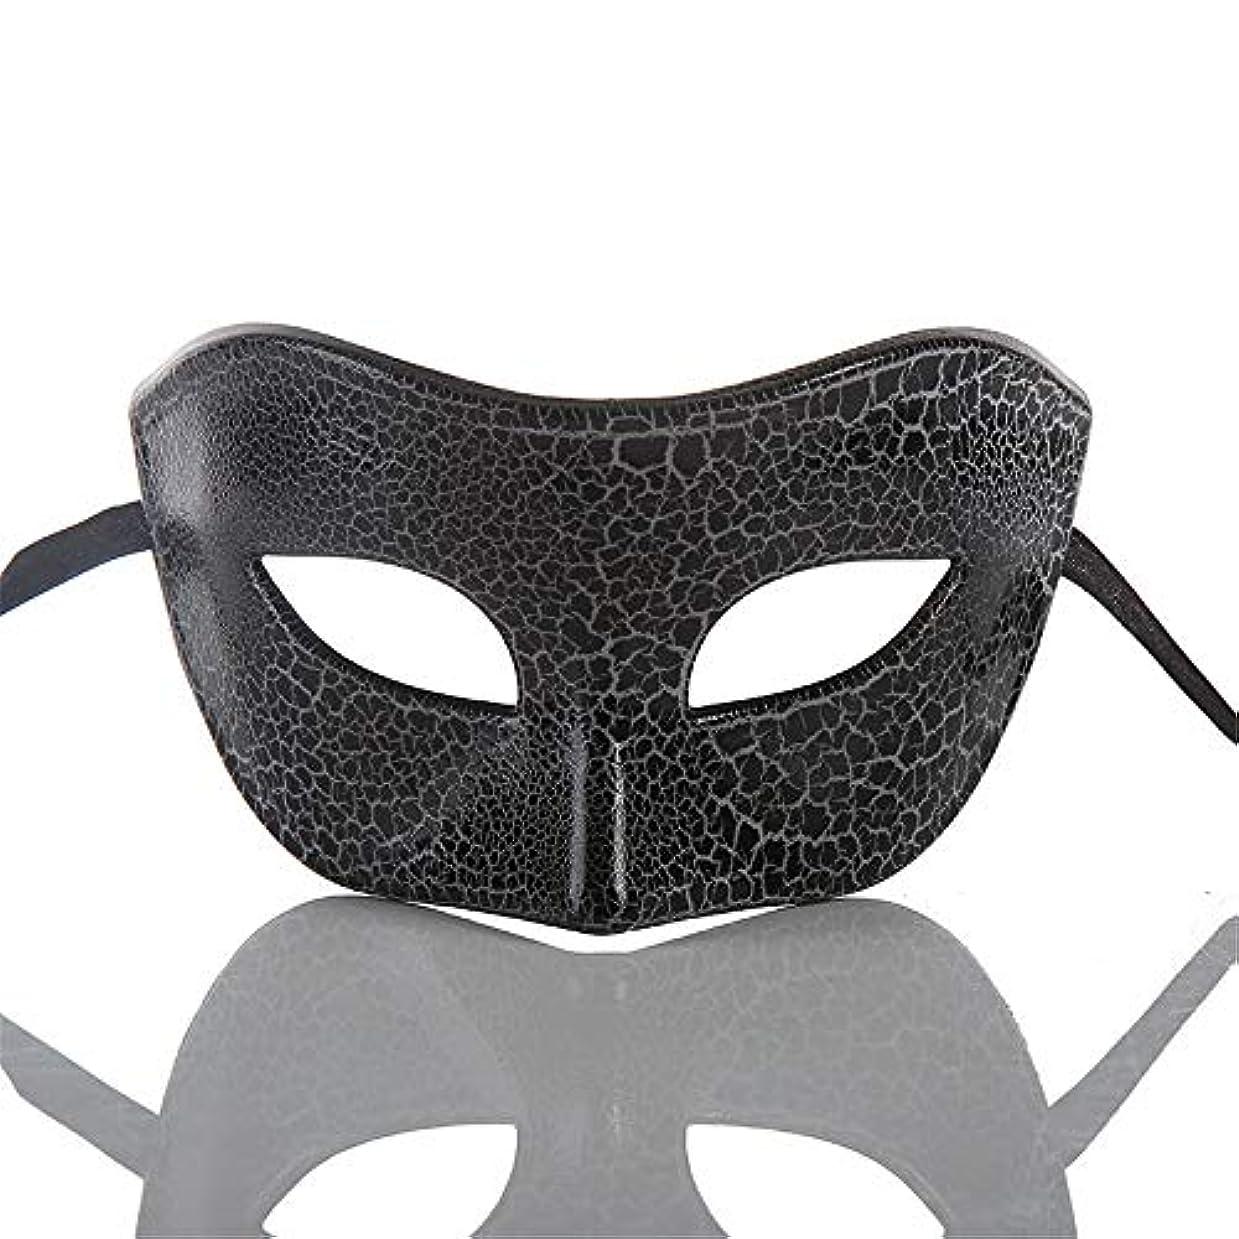 摂氏度タンパク質走るダンスマスク ハーフマスク新しいハロウィーンマスク仮装レトロコスプレメイクナイトクラブマスク雰囲気クリスマスお祝いプラスチックマスク ホリデーパーティー用品 (色 : ブラック, サイズ : 16.5x8cm)